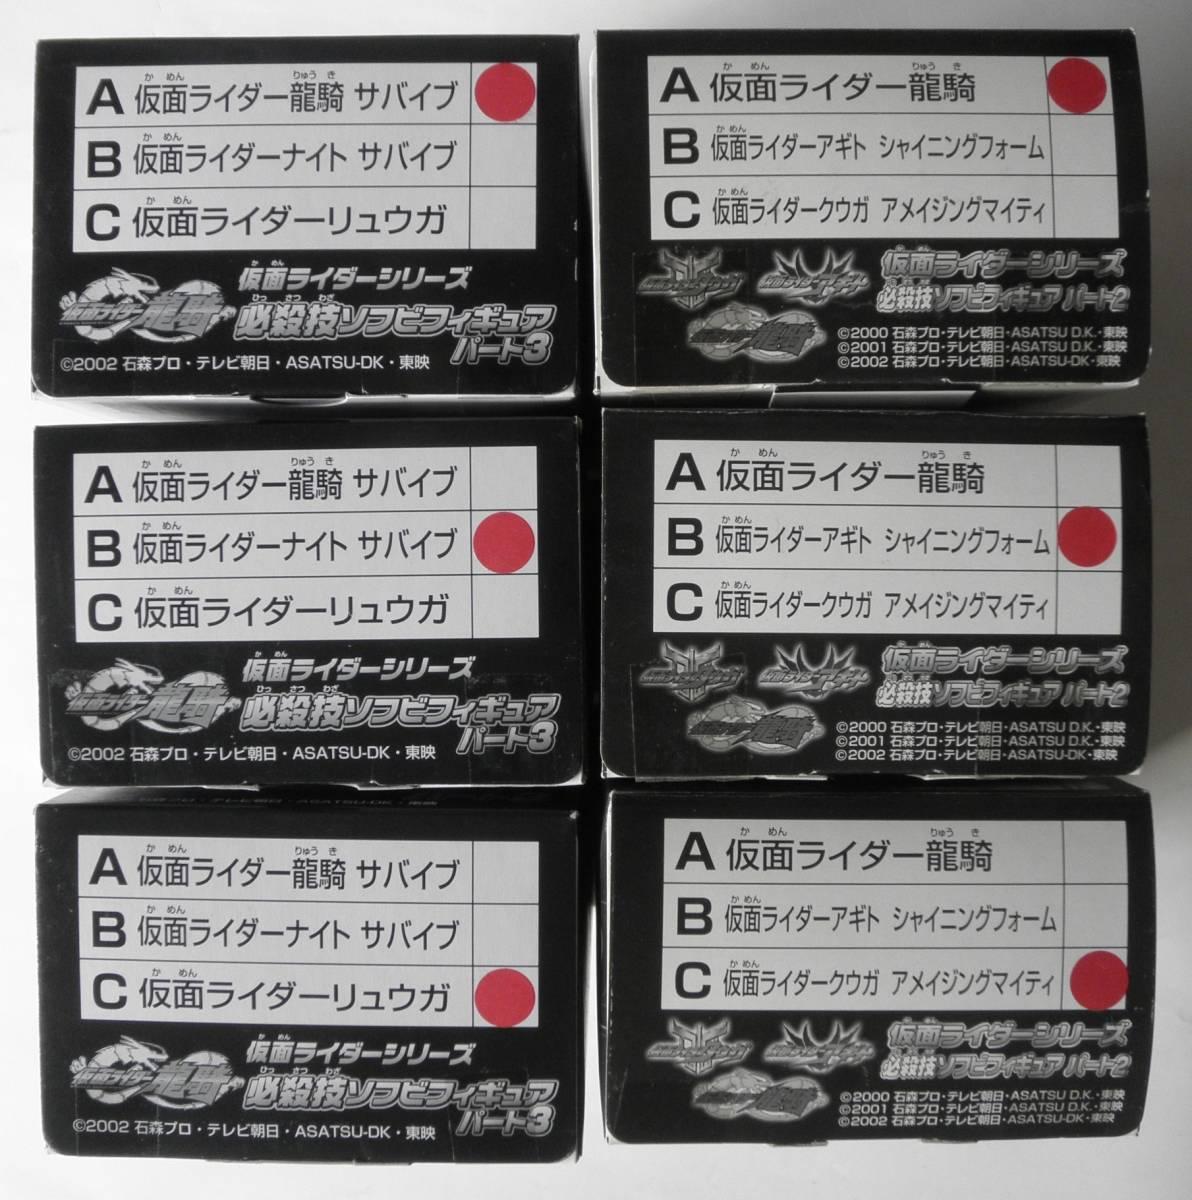 仮面ライダー必殺技ソフビフィギュアパート2&3 全6種類まとめて 龍騎・アギト・クウガ_画像3